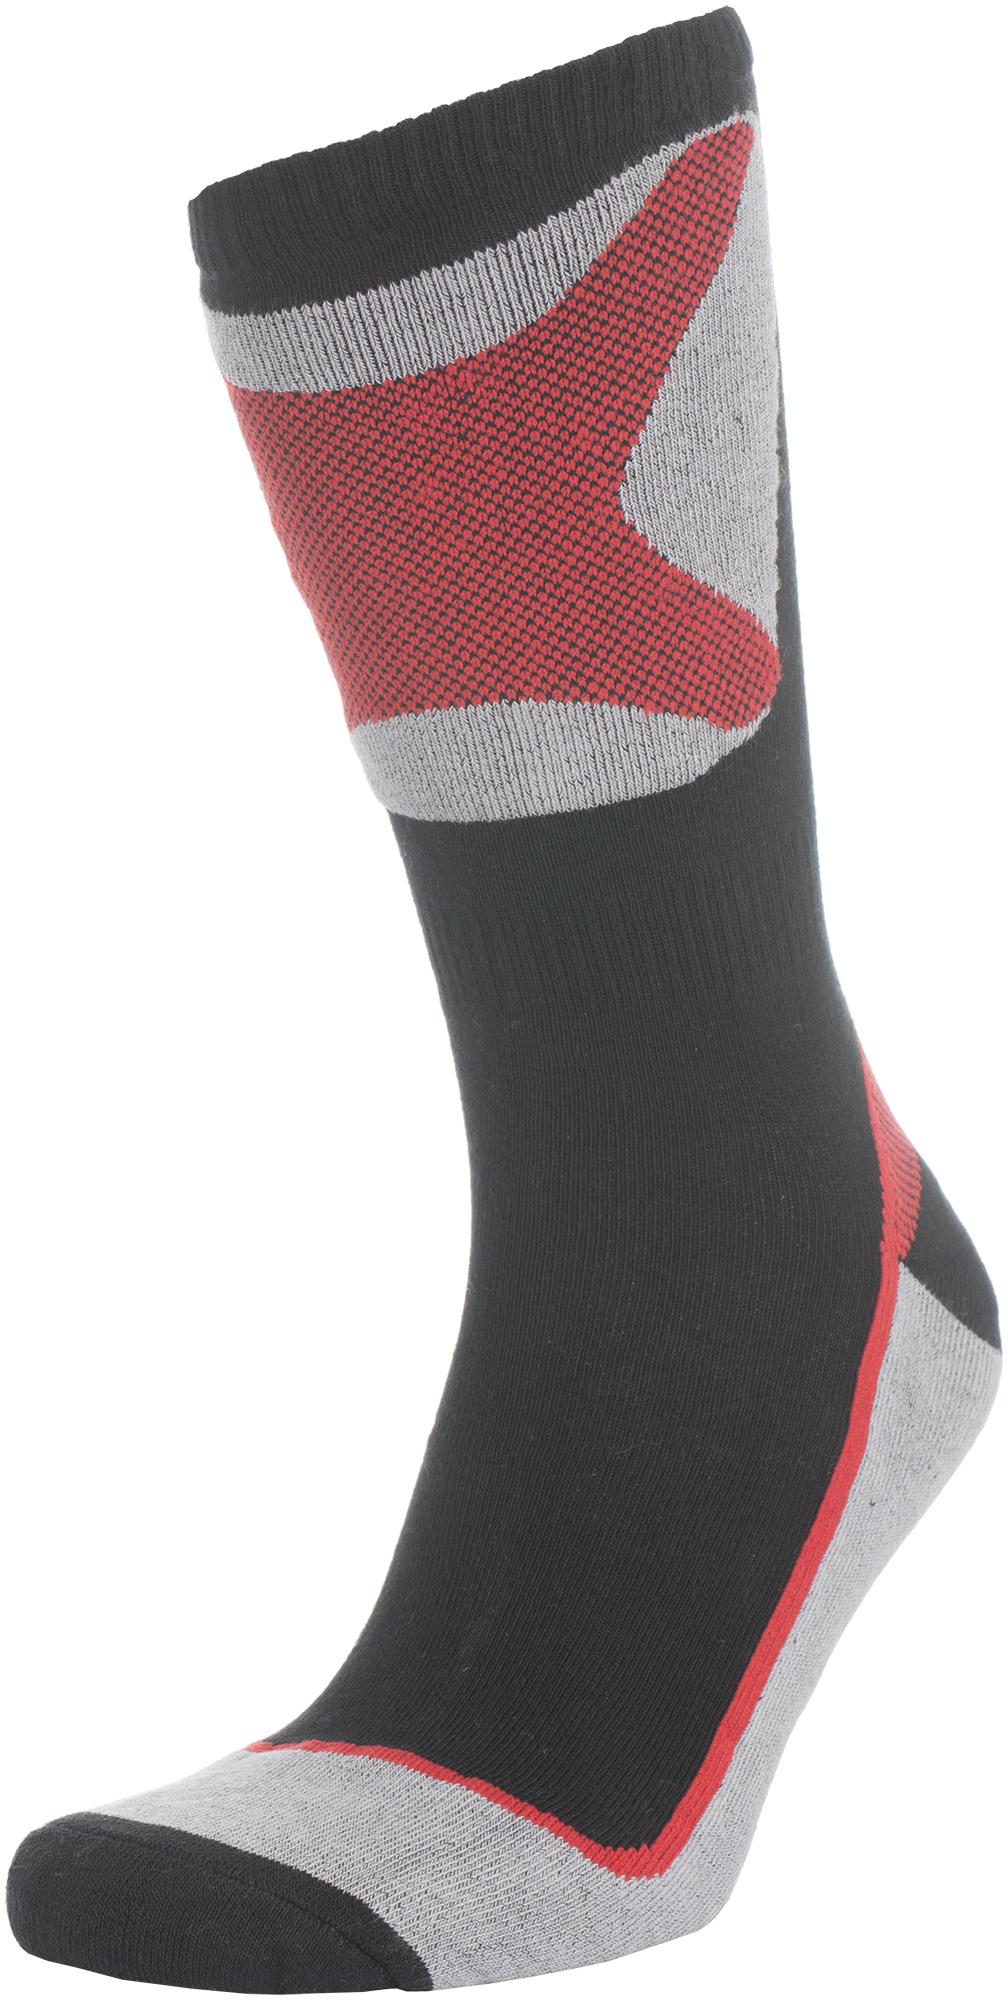 цена Demix Носки Demix, 1 пара, размер 39-42 онлайн в 2017 году